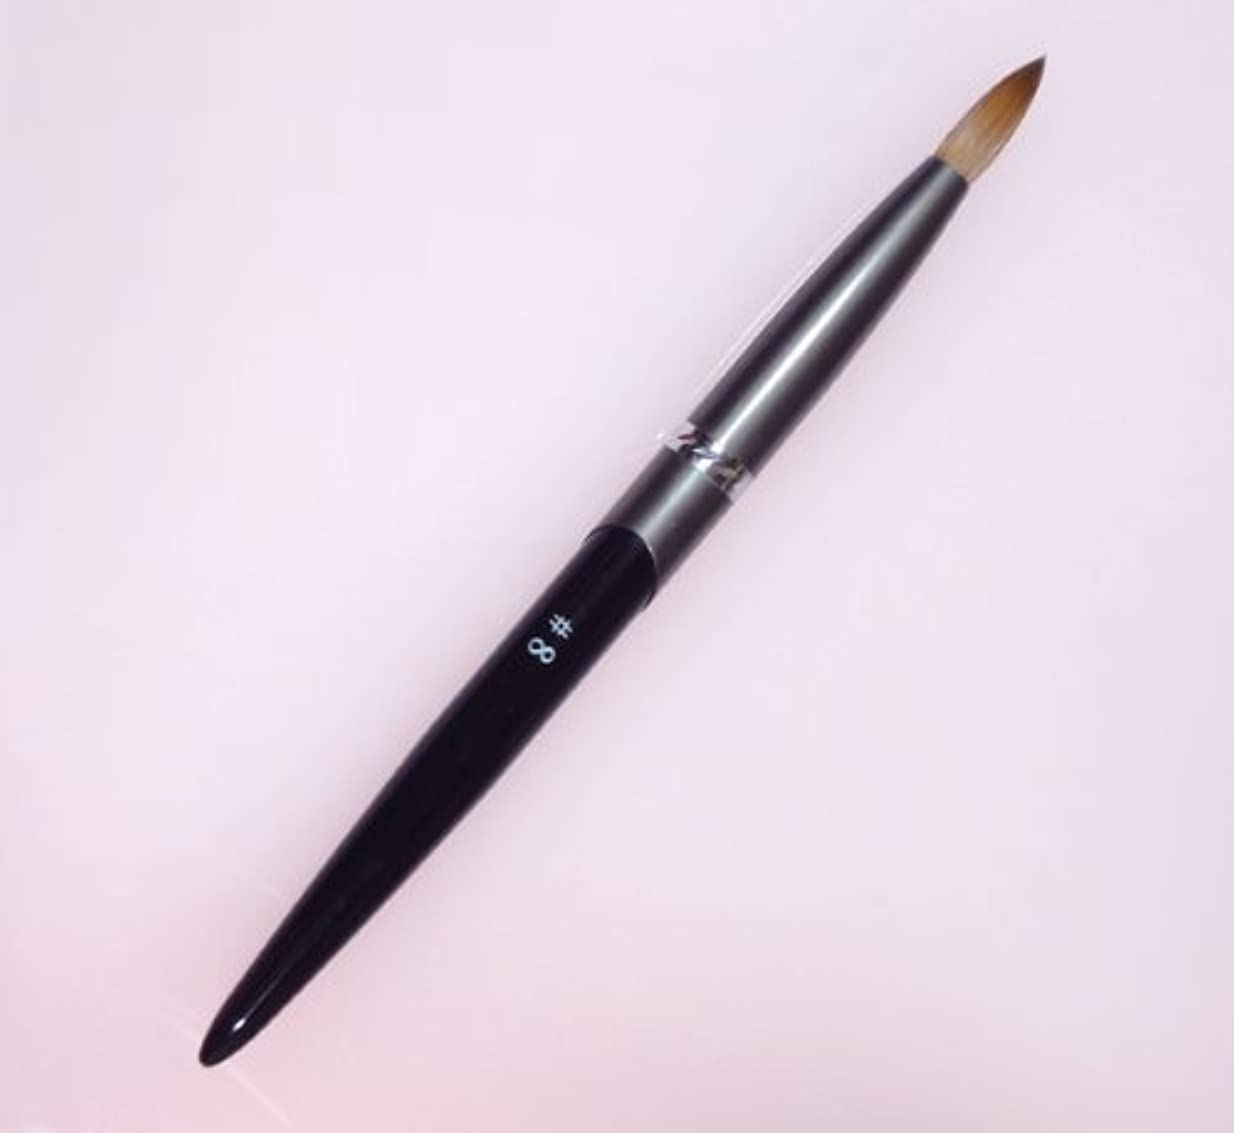 選挙通信するいつ密毛 高級アクリル用 コリンスキーブラシ ラウンド スカルプ筆 オール金属製の柄です